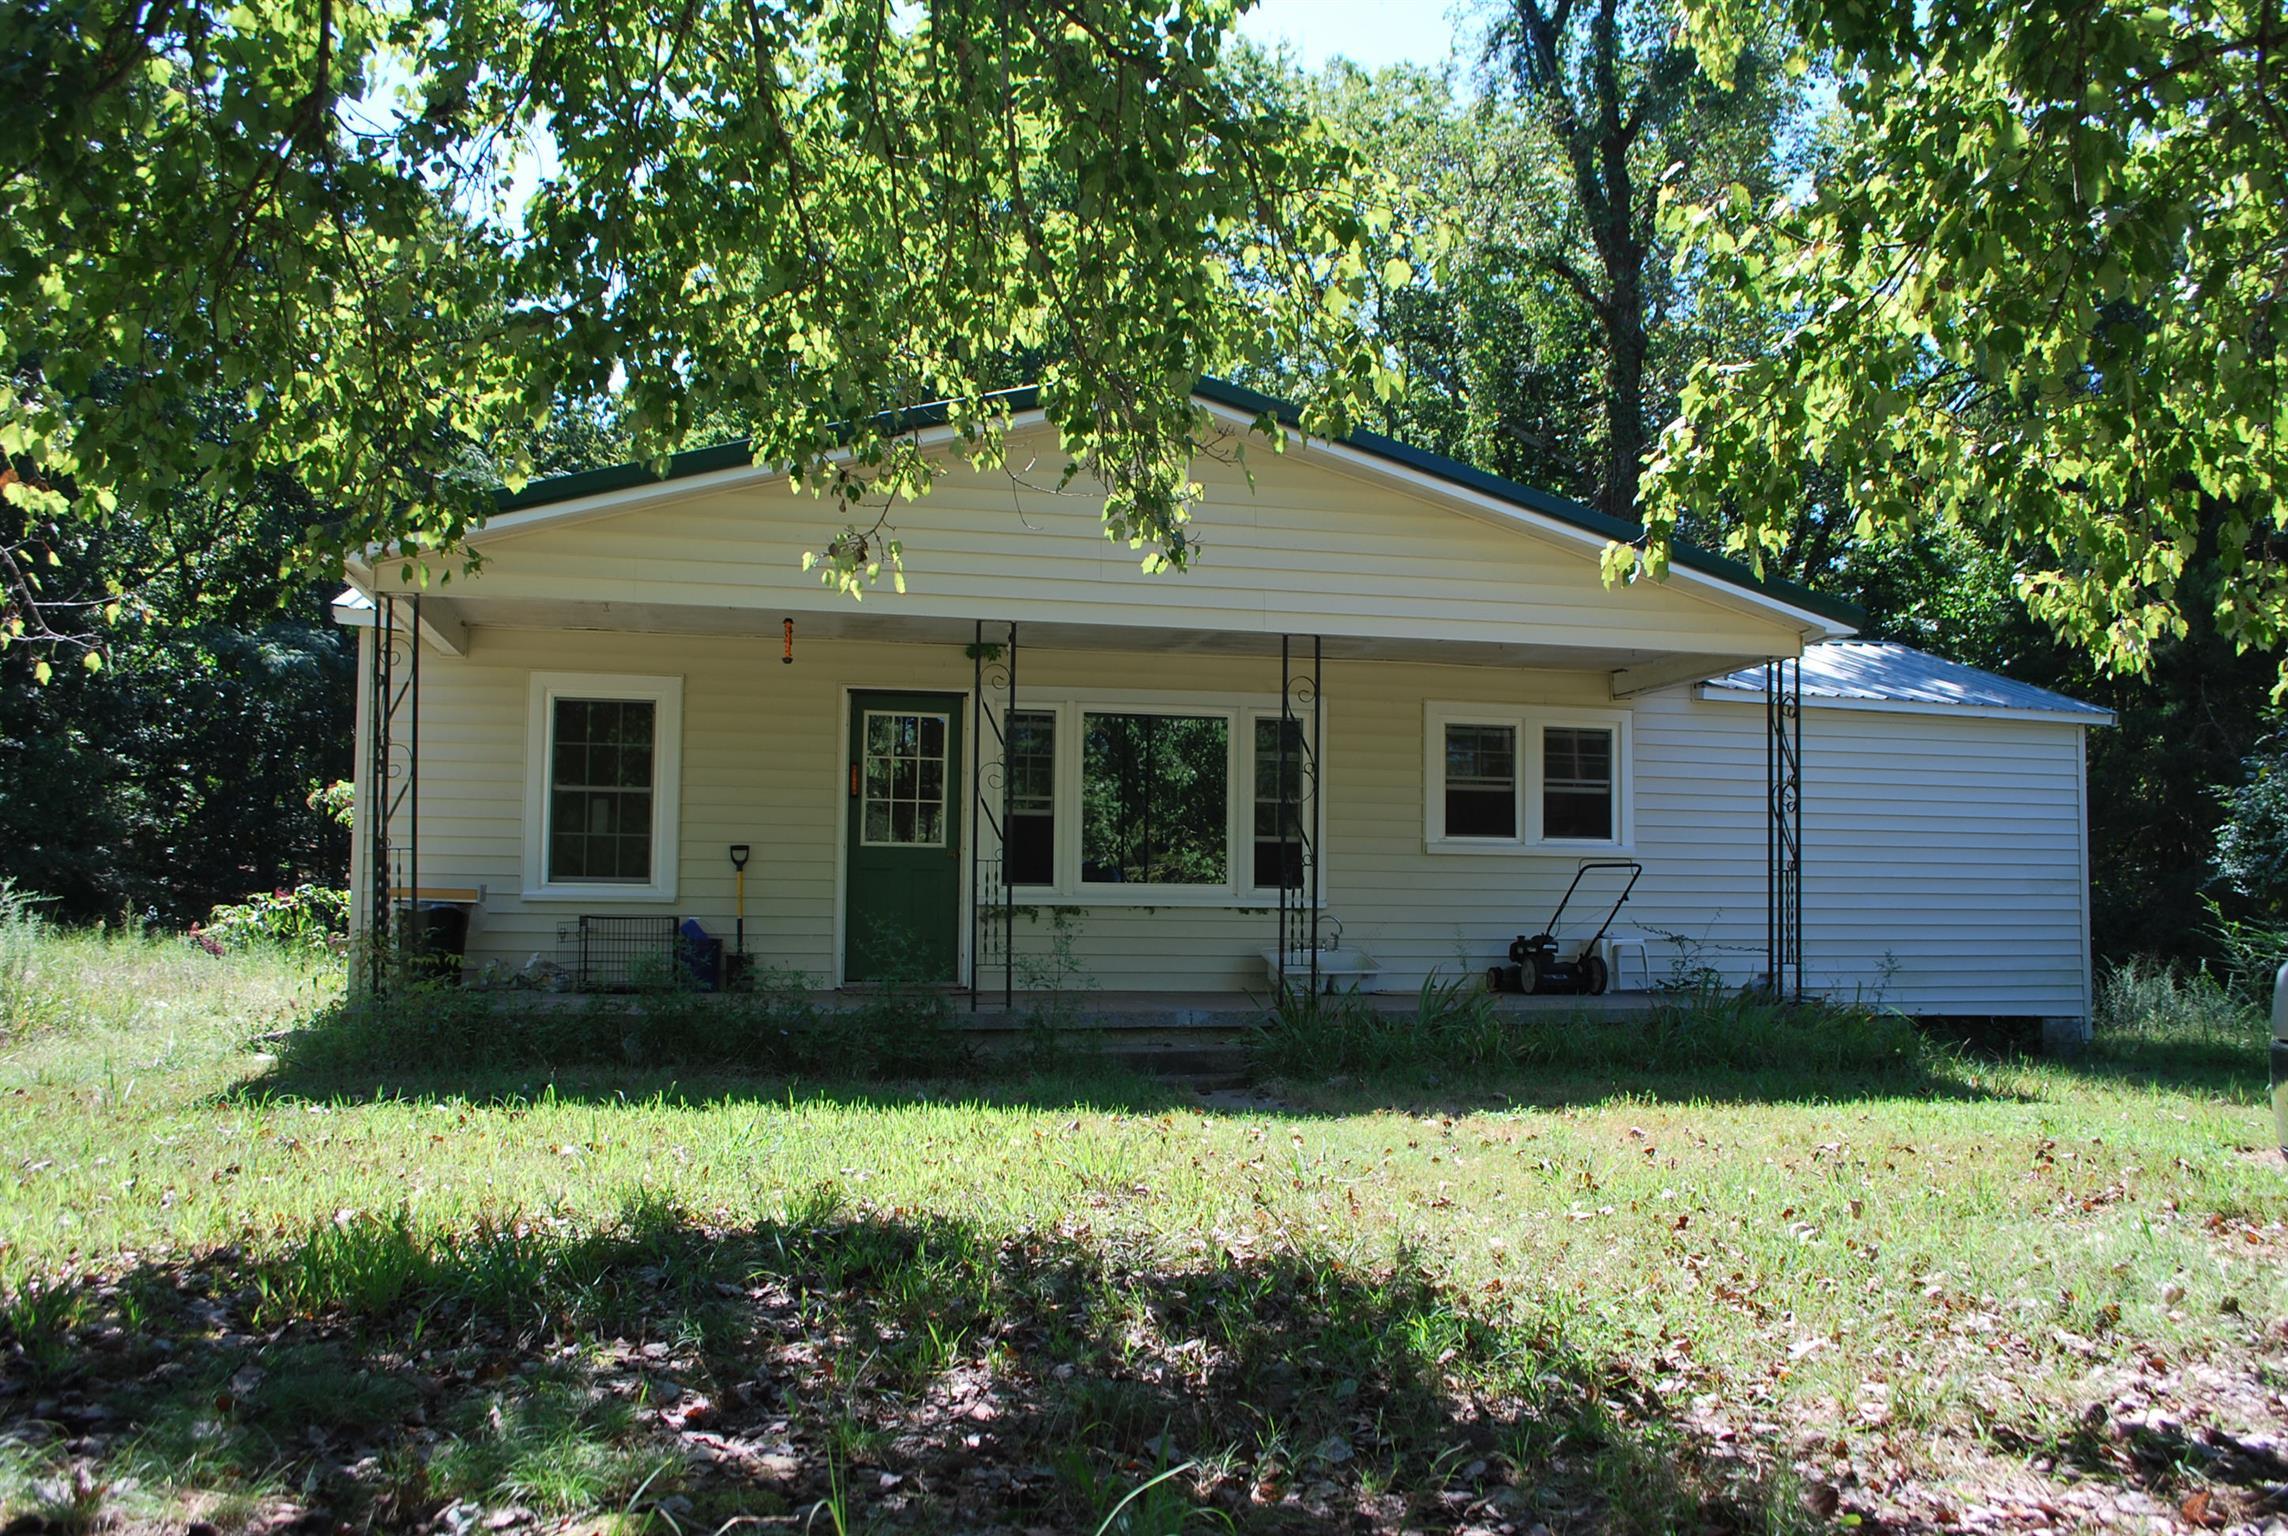 186 Tripp Rd, New Johnsonville, TN 37134 - New Johnsonville, TN real estate listing